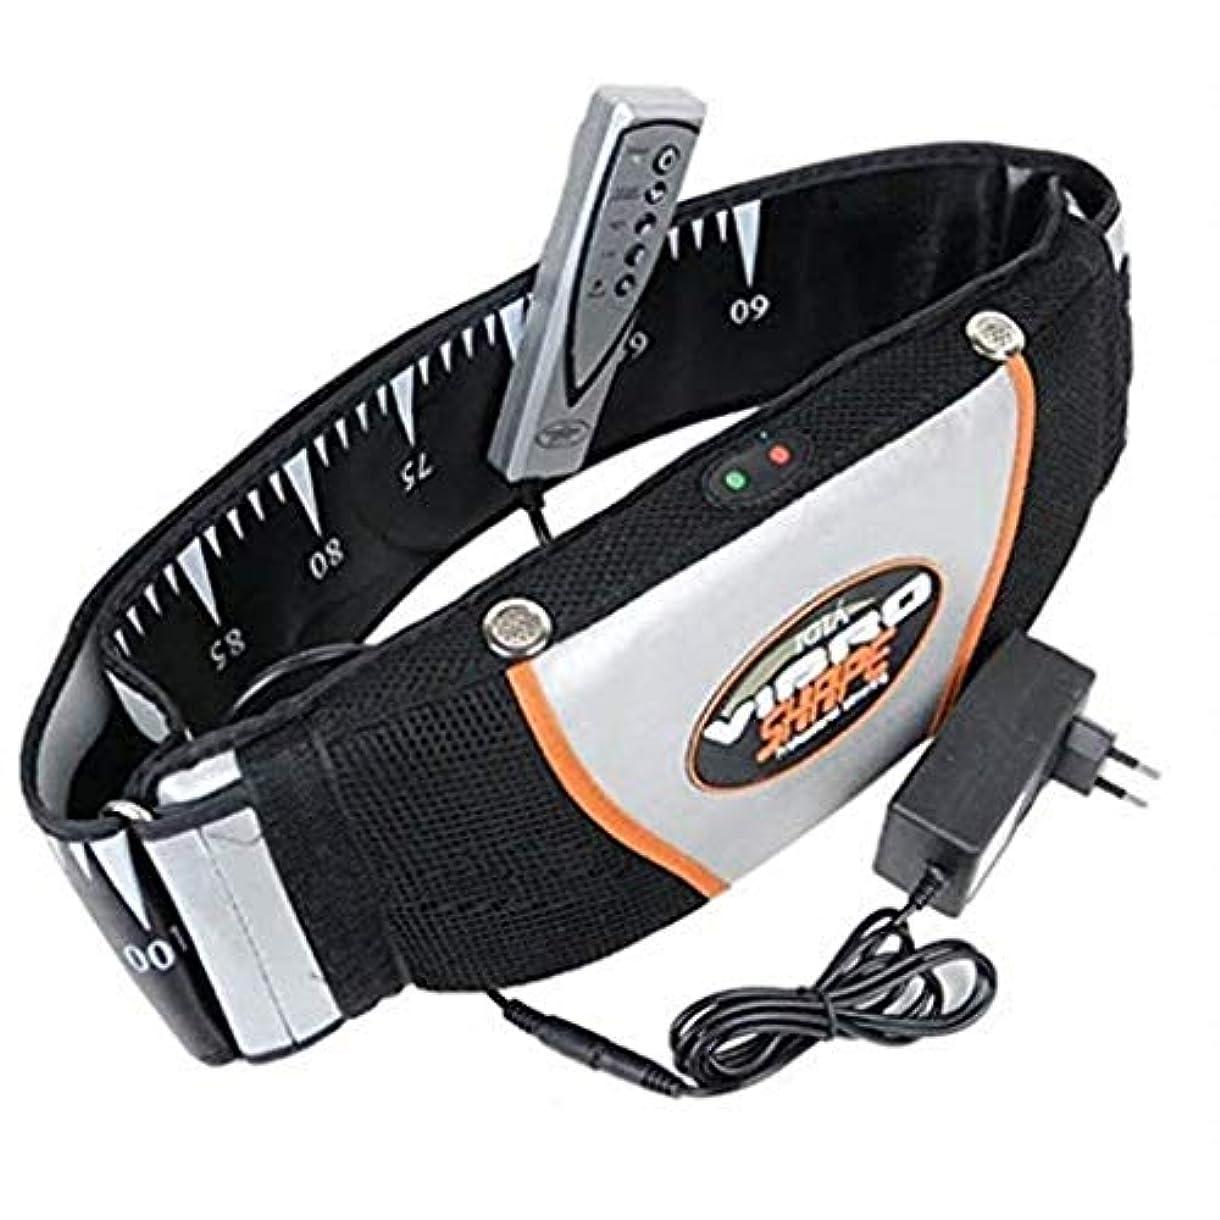 権限運動触手マッサージウエスト、振動ベルト、サウナベルト、減量ファットバーナー、非加熱ルージュマッサージャー、アンチ脂肪ボディスリミングベルト